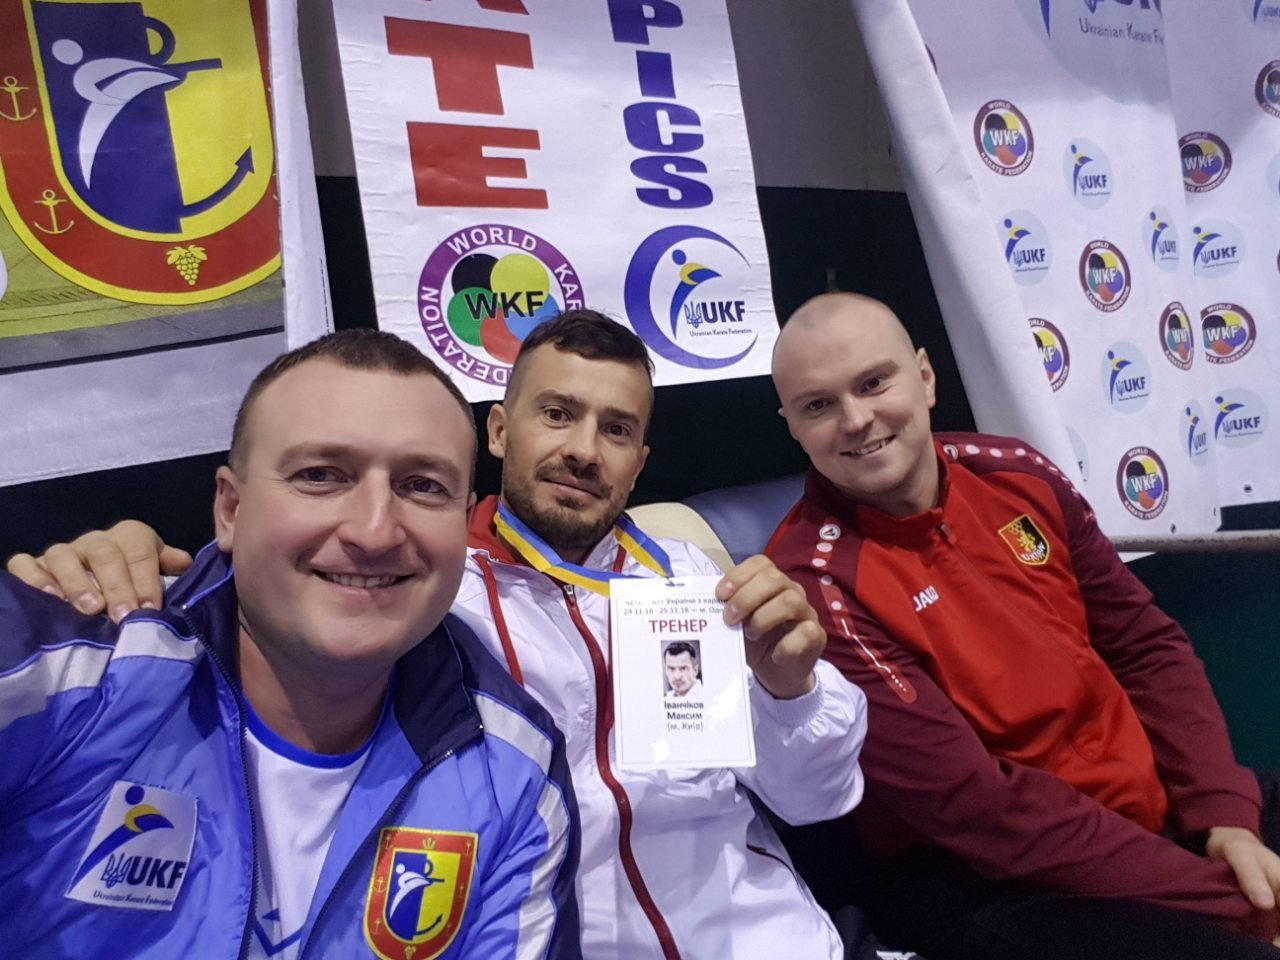 Лучшие из лучших: «Катана порт Черноморск» в составе Одесской области заняла 1 место на Чемпионате Украины по карате, фото-4